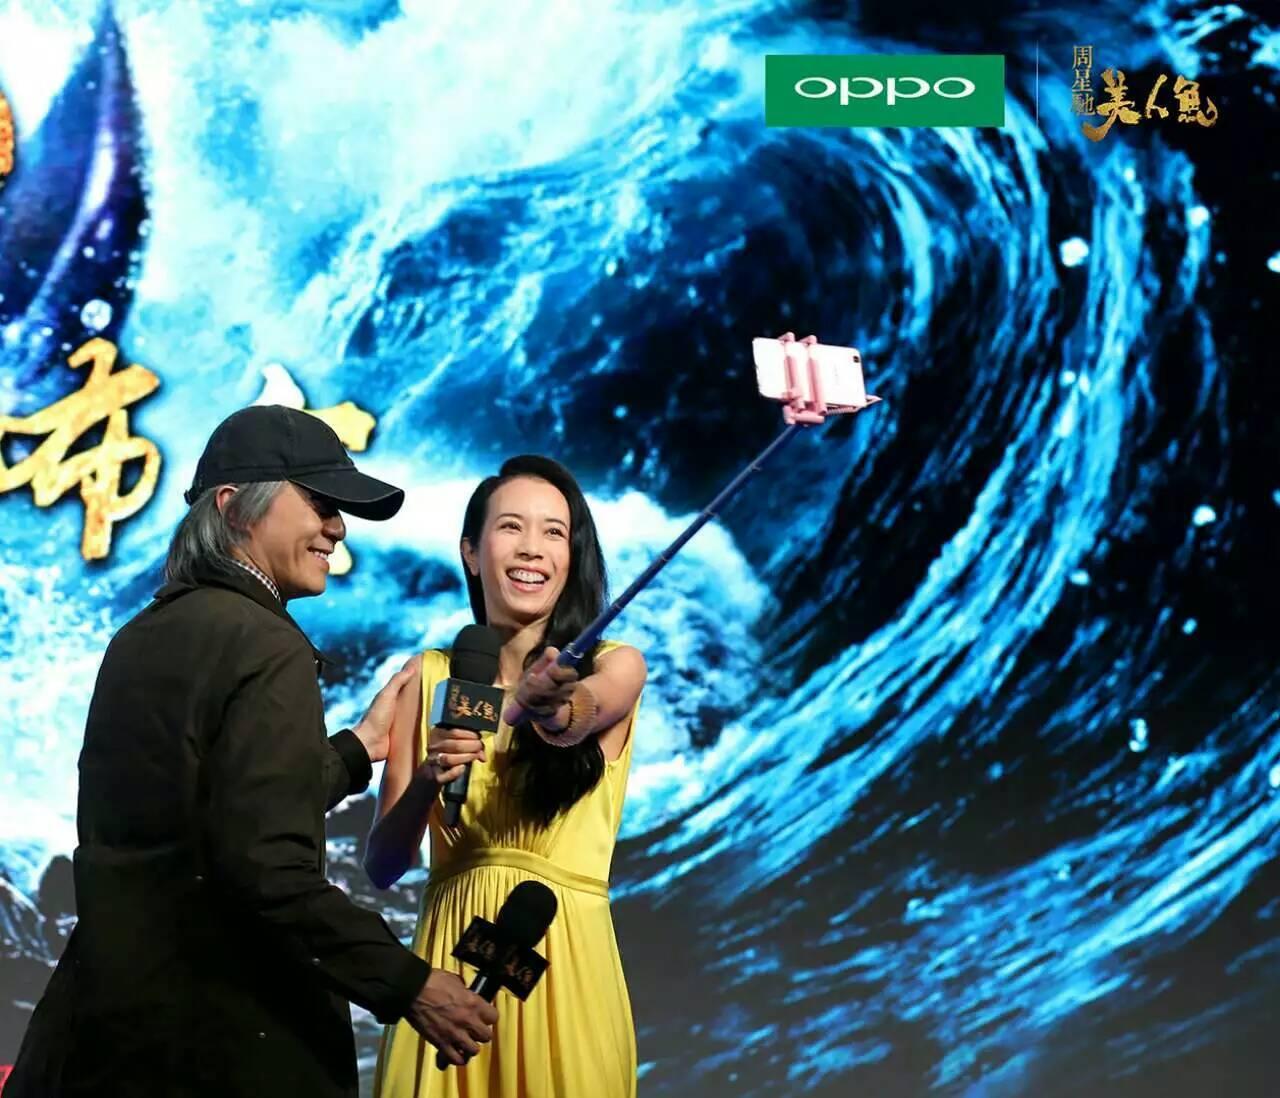 """《美人鱼》曝光的首款预告片中,主演邓超慌张到警局报案""""被美人鱼图片"""